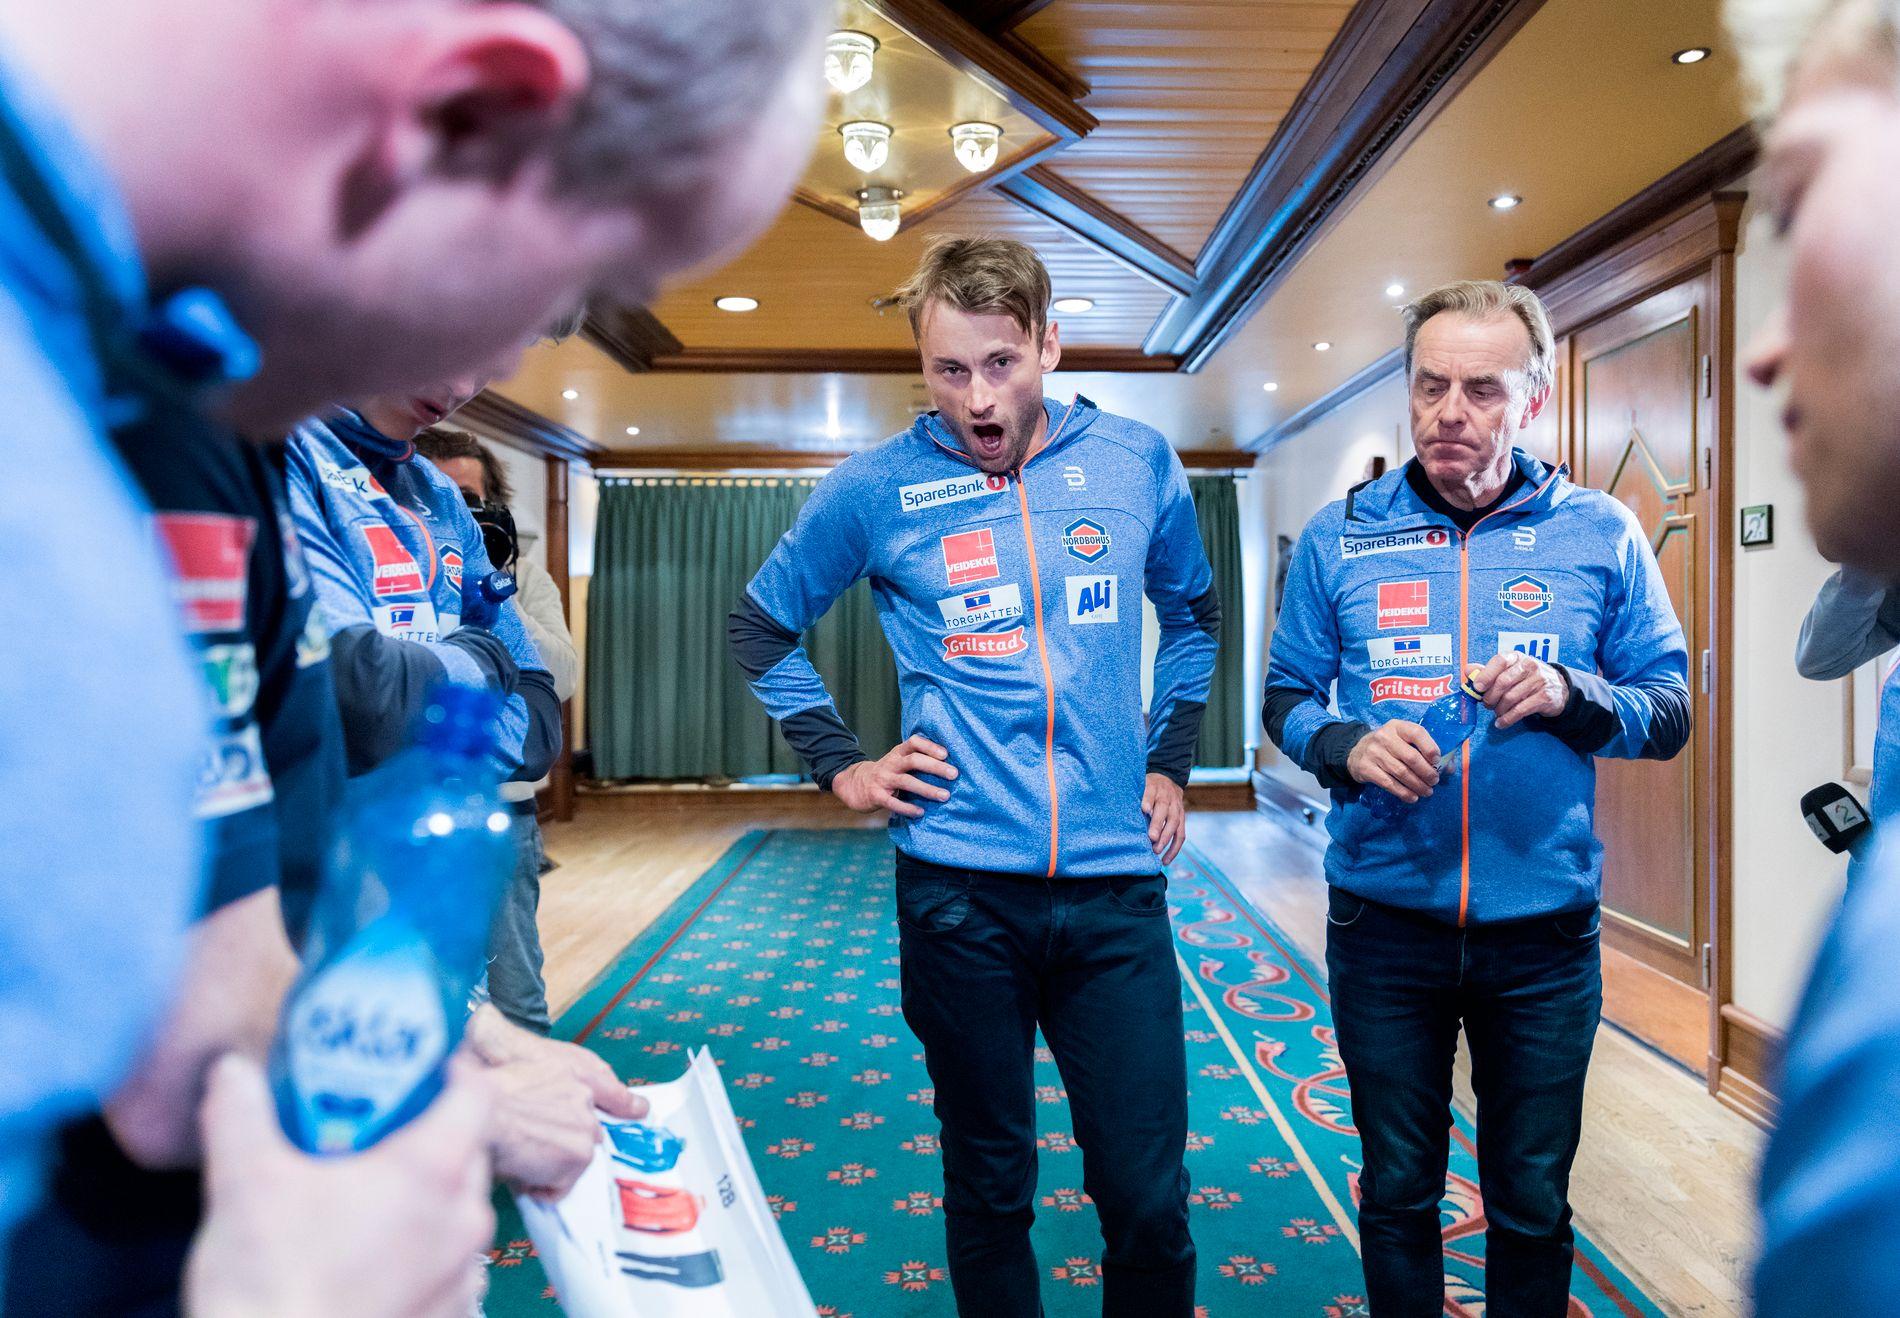 FIKK STRENG BESKJED: Petter Northug og Arild Monsen på en pressekonferanse med landslaget i april. Nå har Northug føyd seg etter sjefens kostholdsregime for å komme tilbake i form.